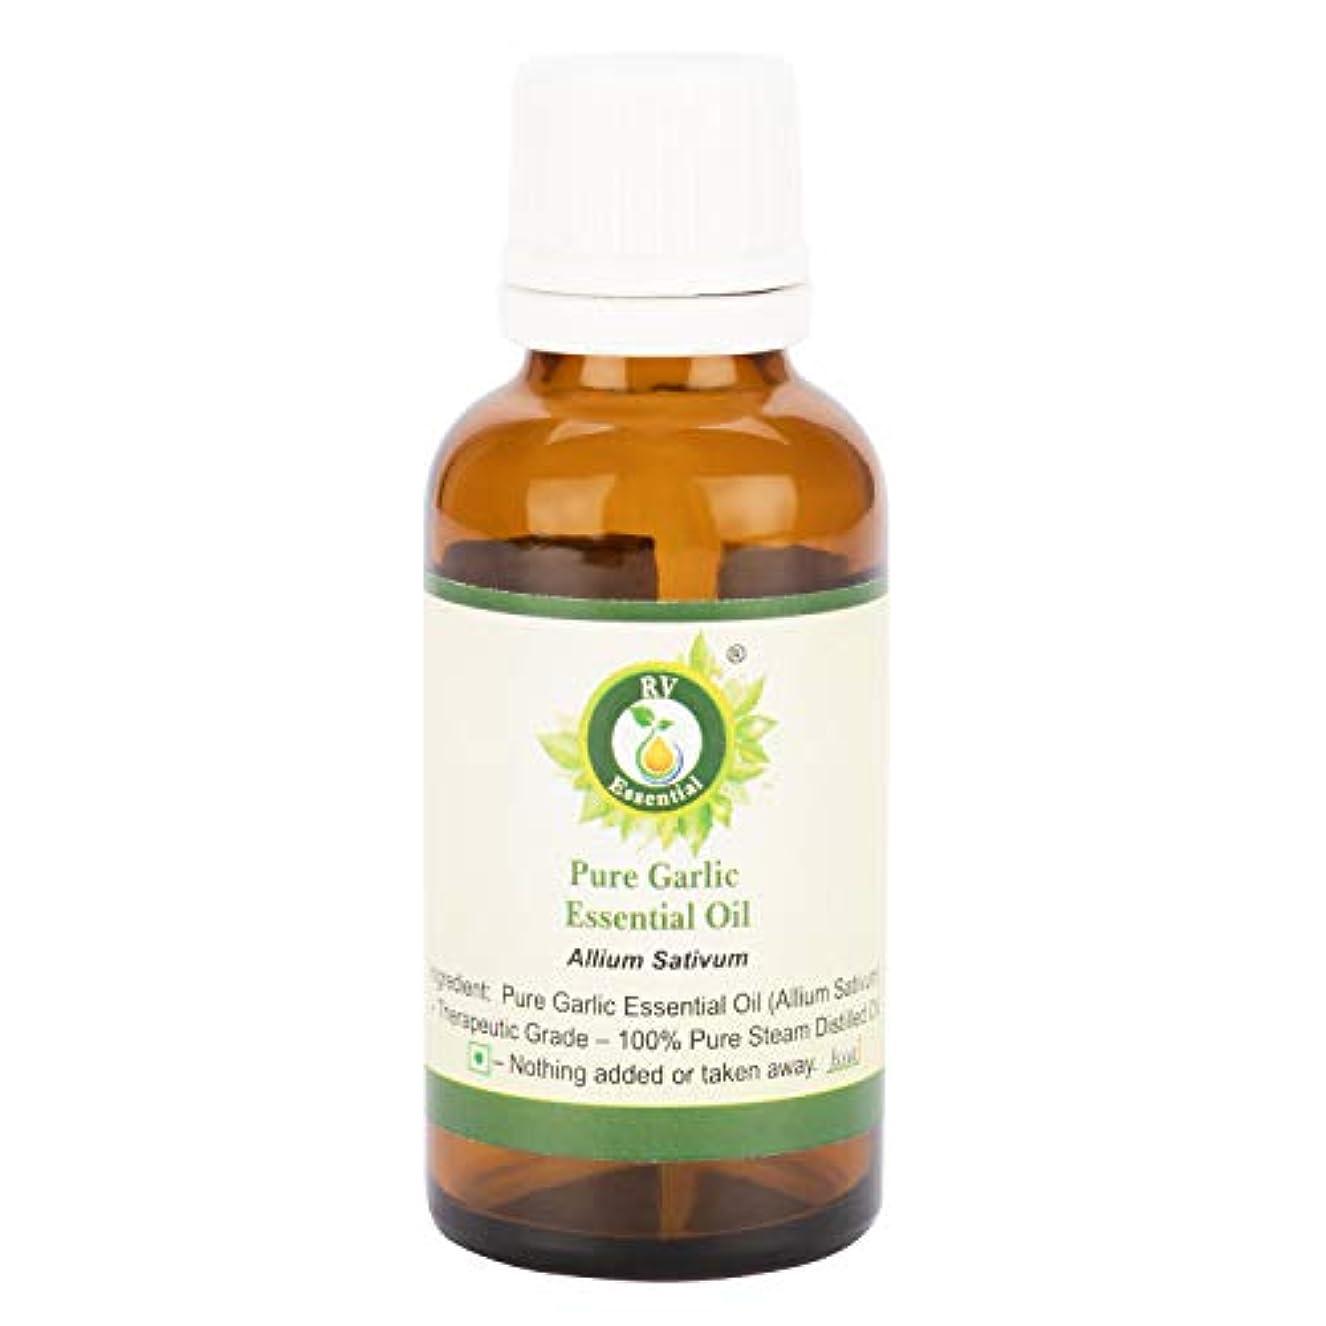 インフレーション無関心ライセンスピュアニンニクエッセンシャルオイル100ml (3.38oz)- Allium Sativum (100%純粋&天然スチームDistilled) Pure Garlic Essential Oil